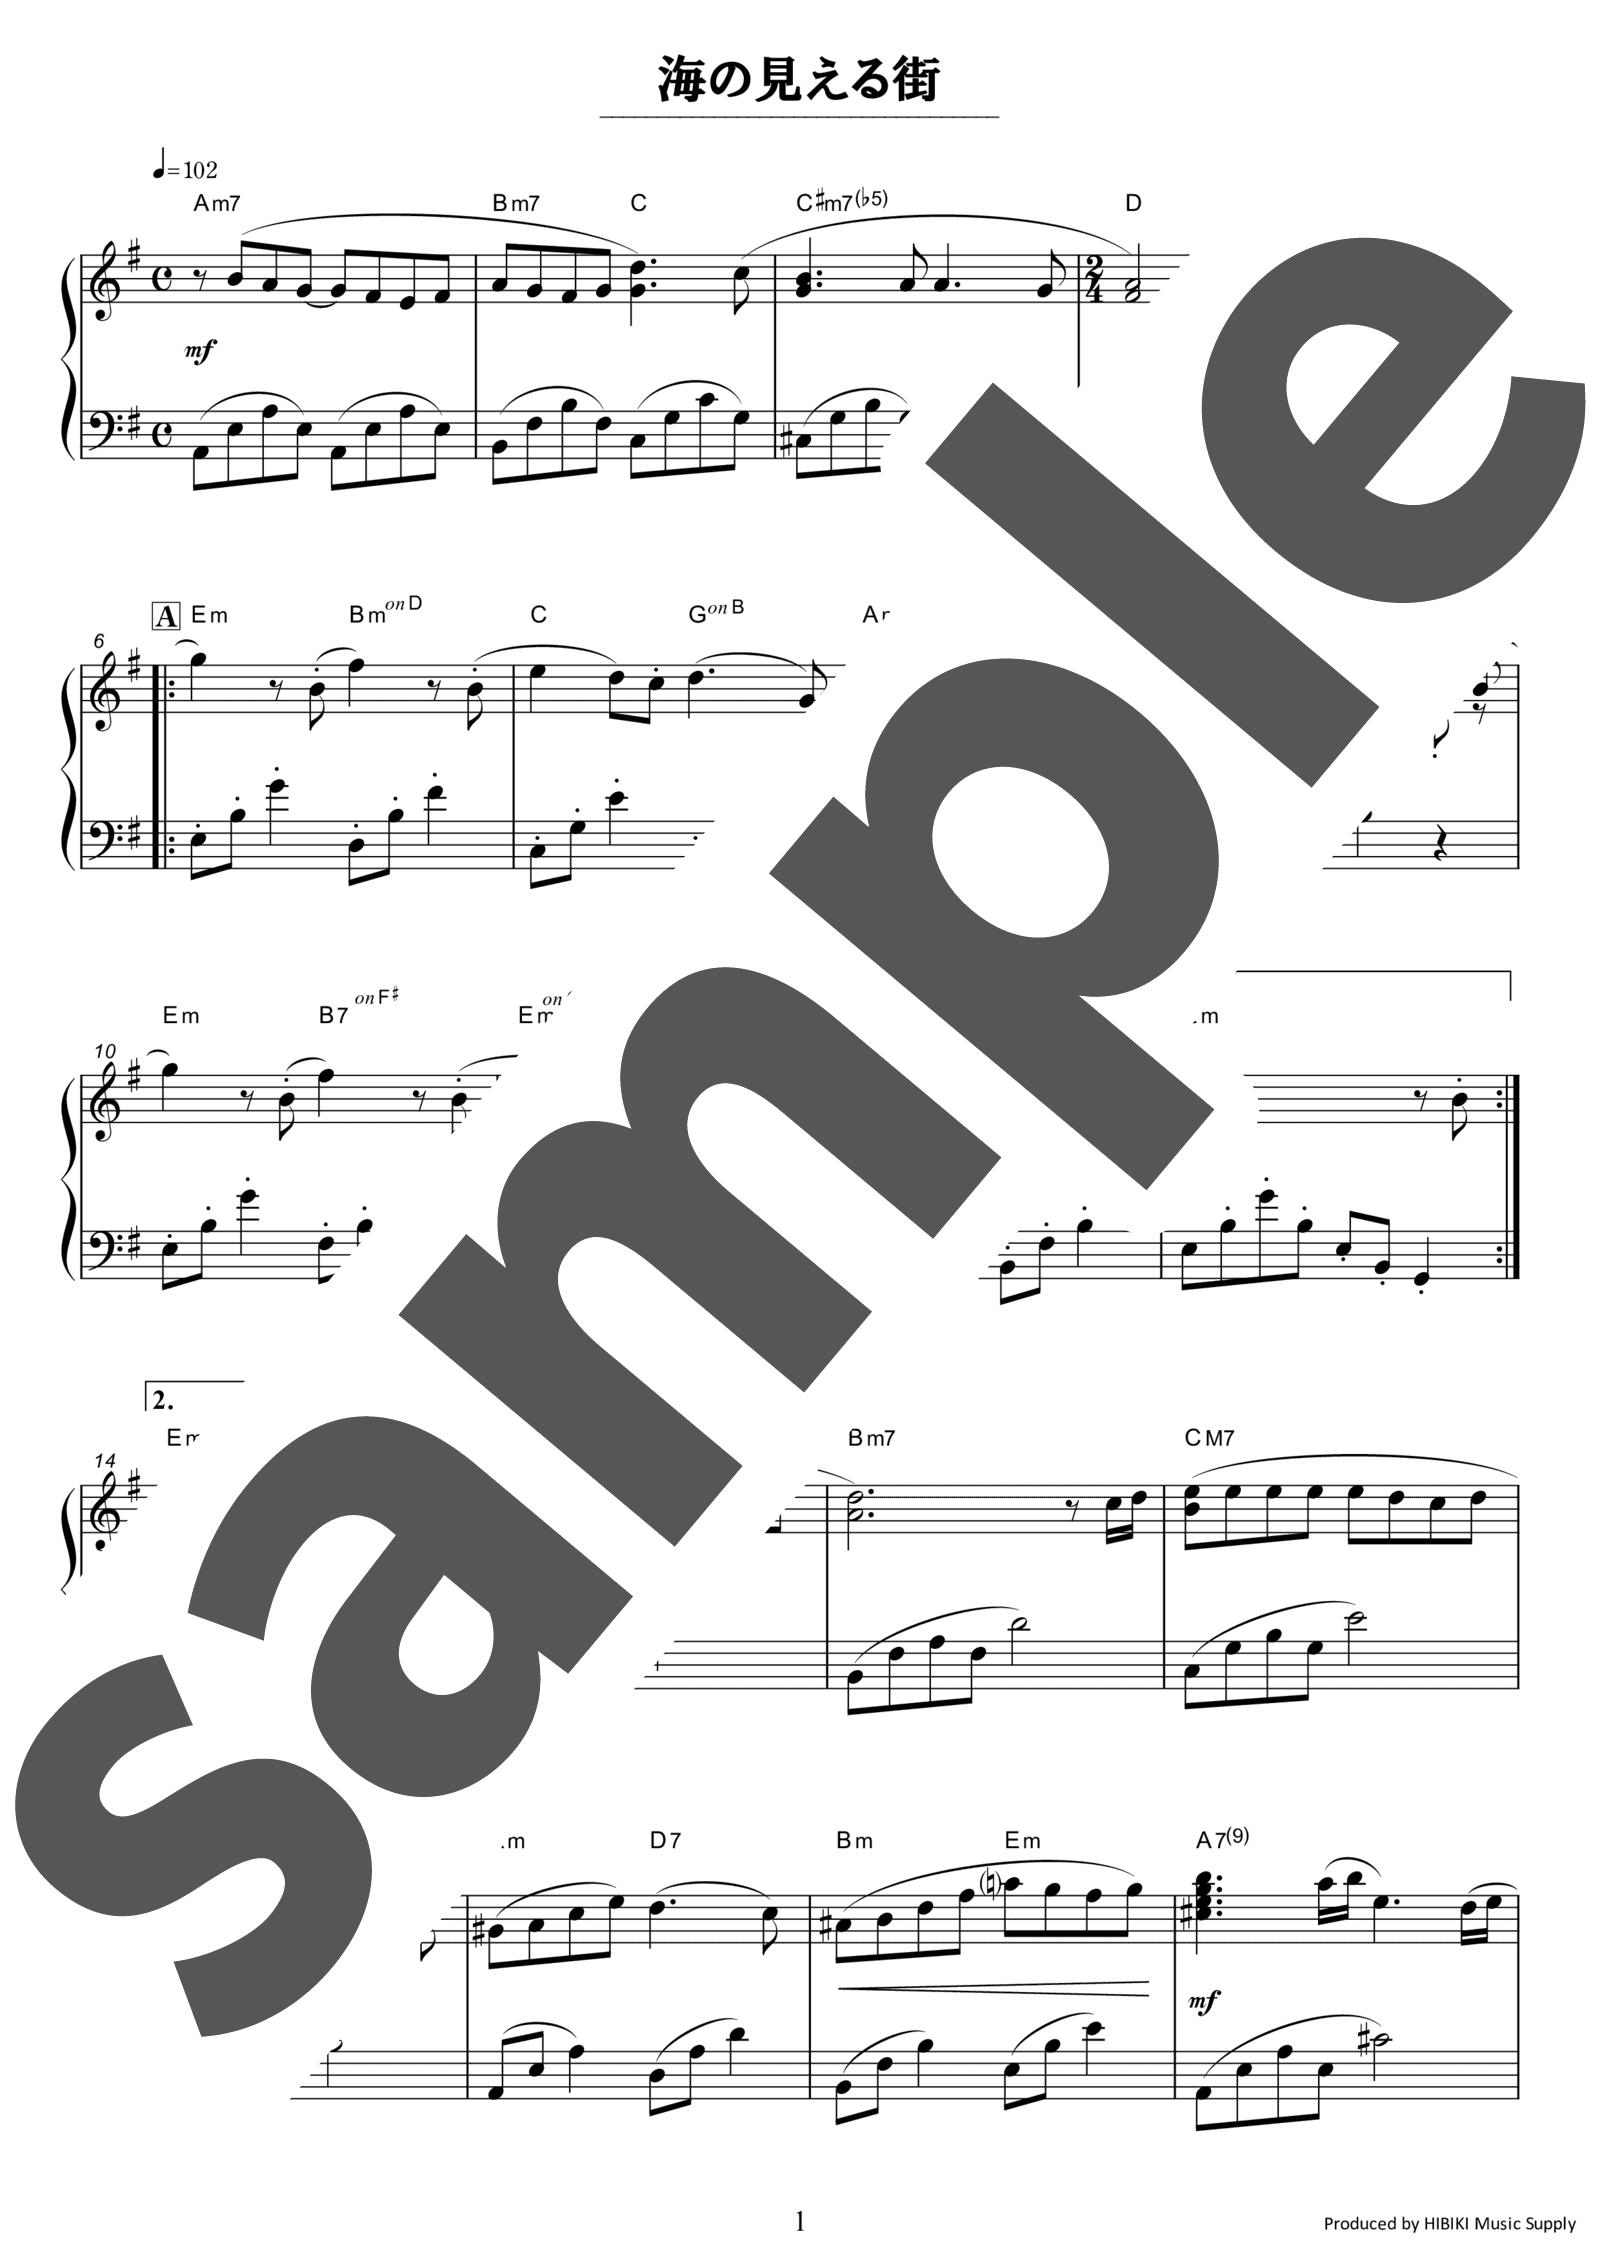 「海の見える街」のサンプル楽譜